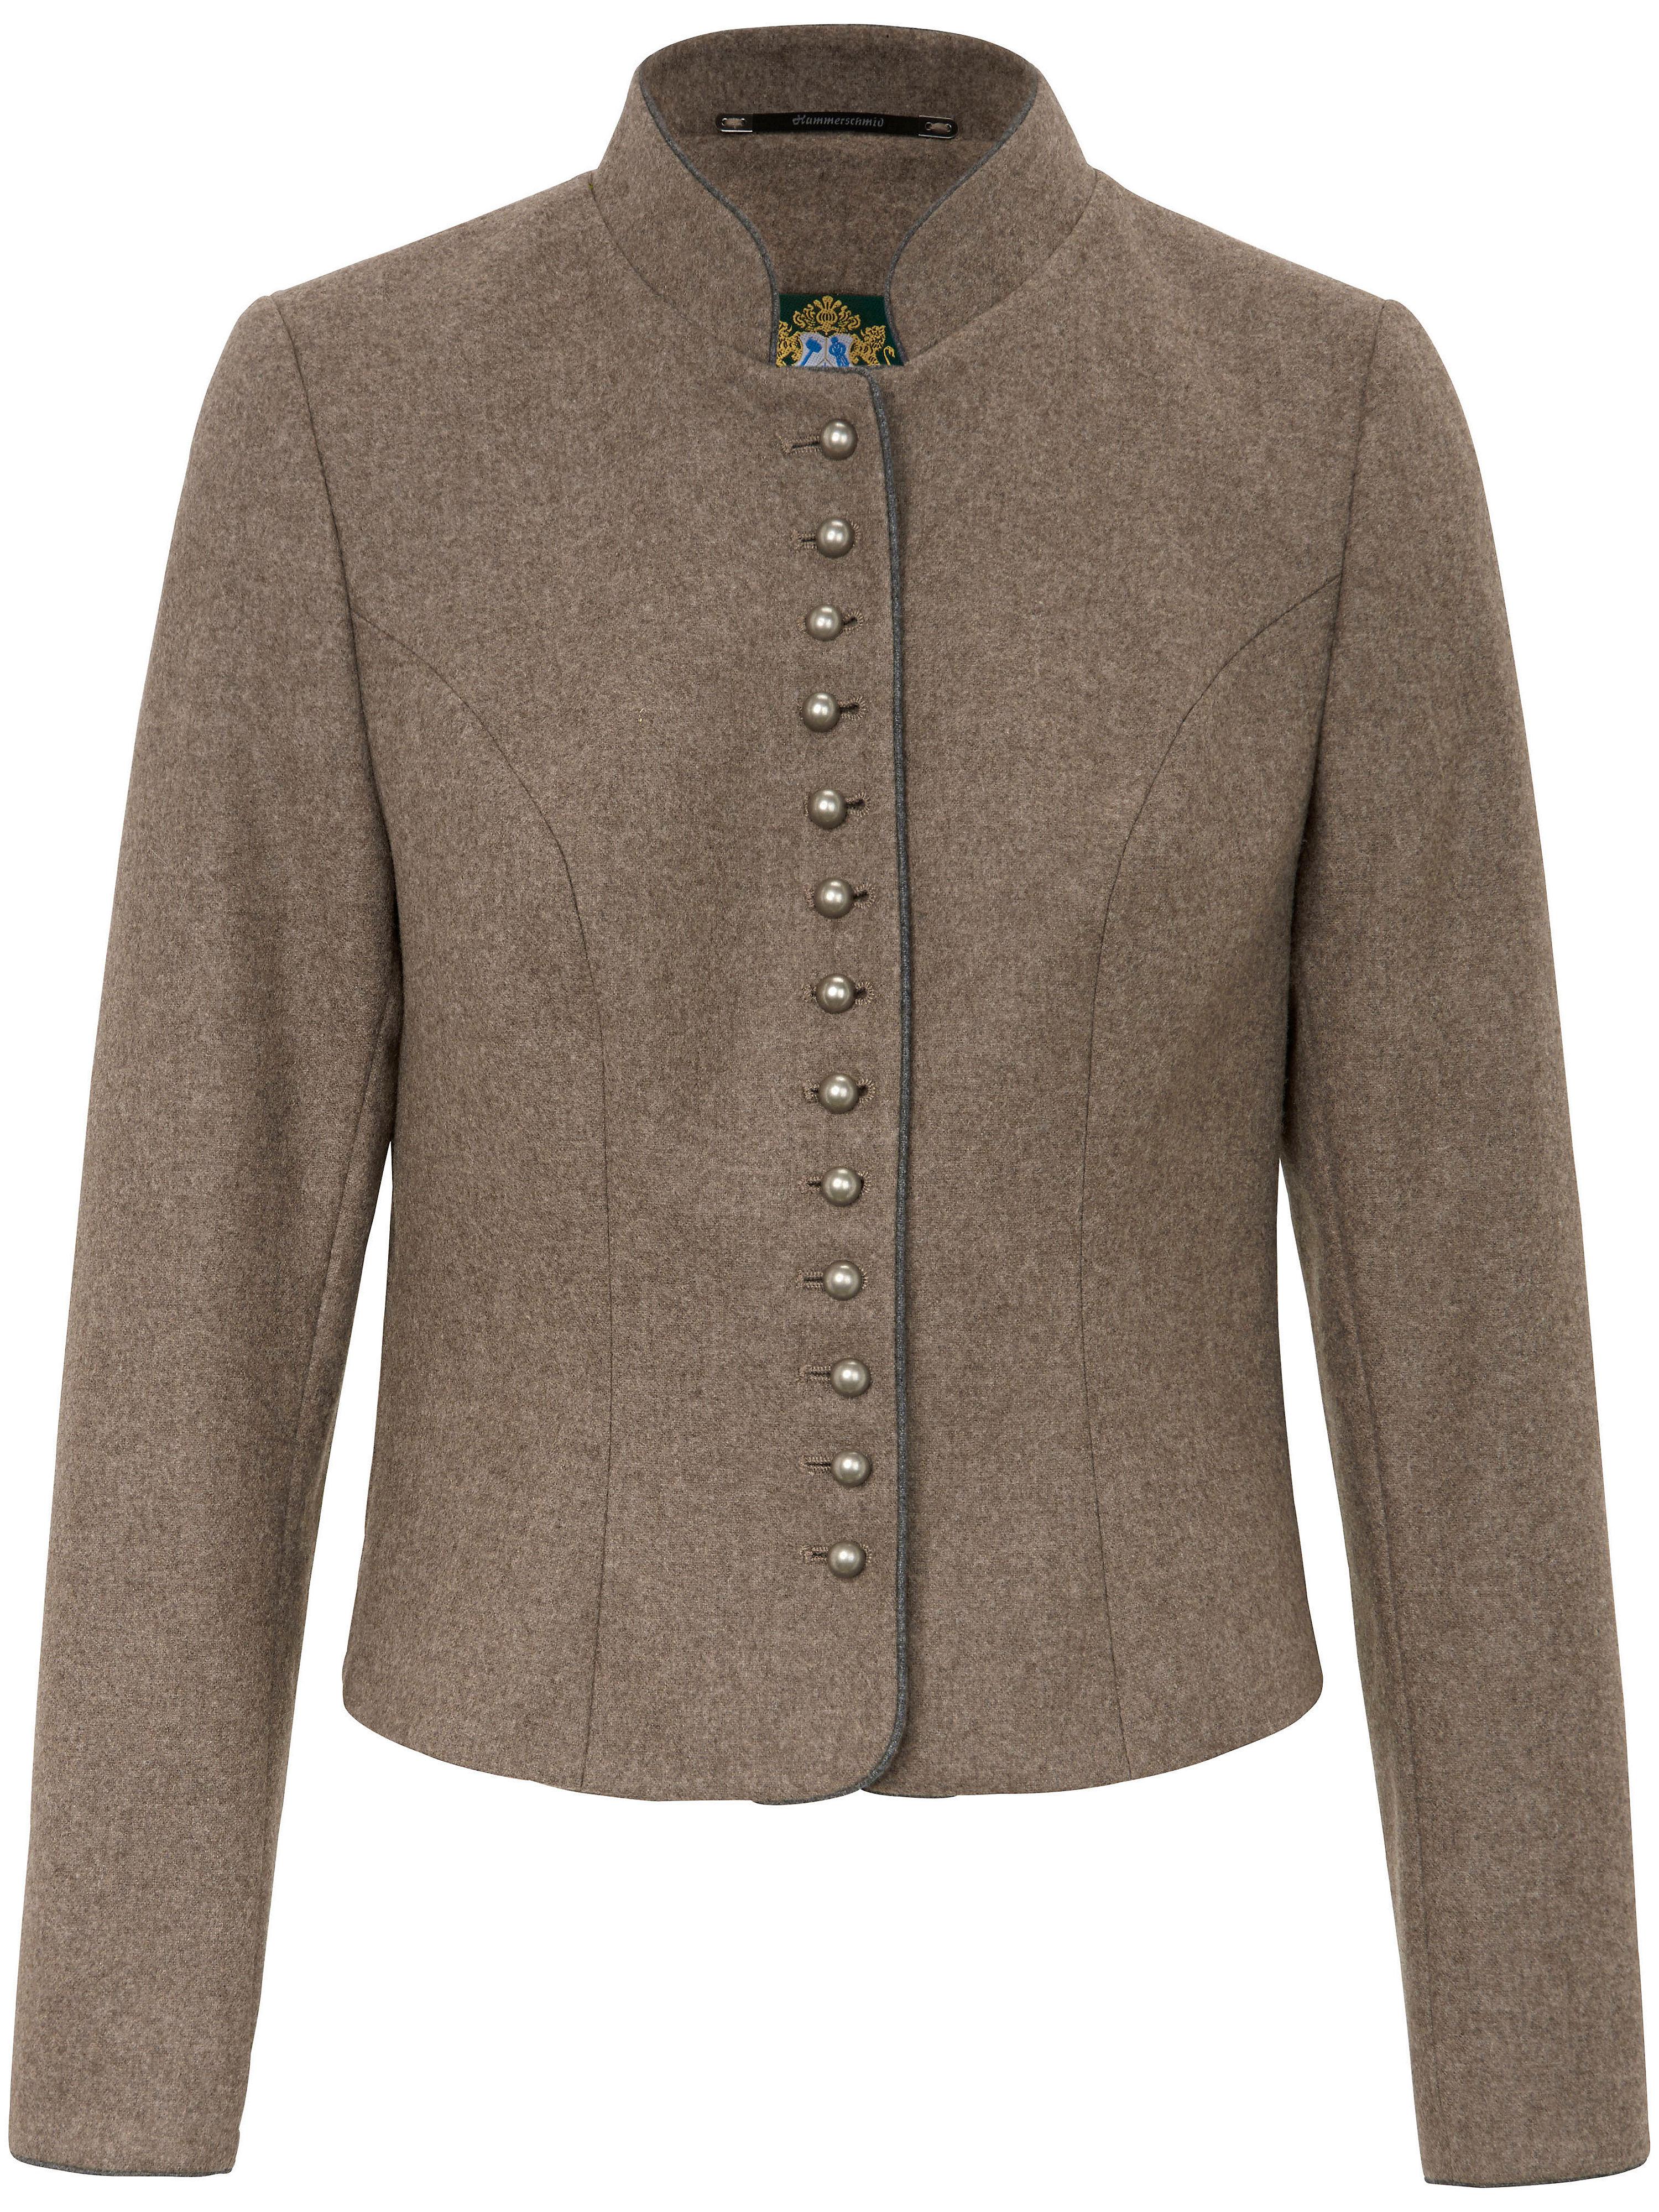 La veste bavaroise 100% laine vierge  Hammerschmid beige